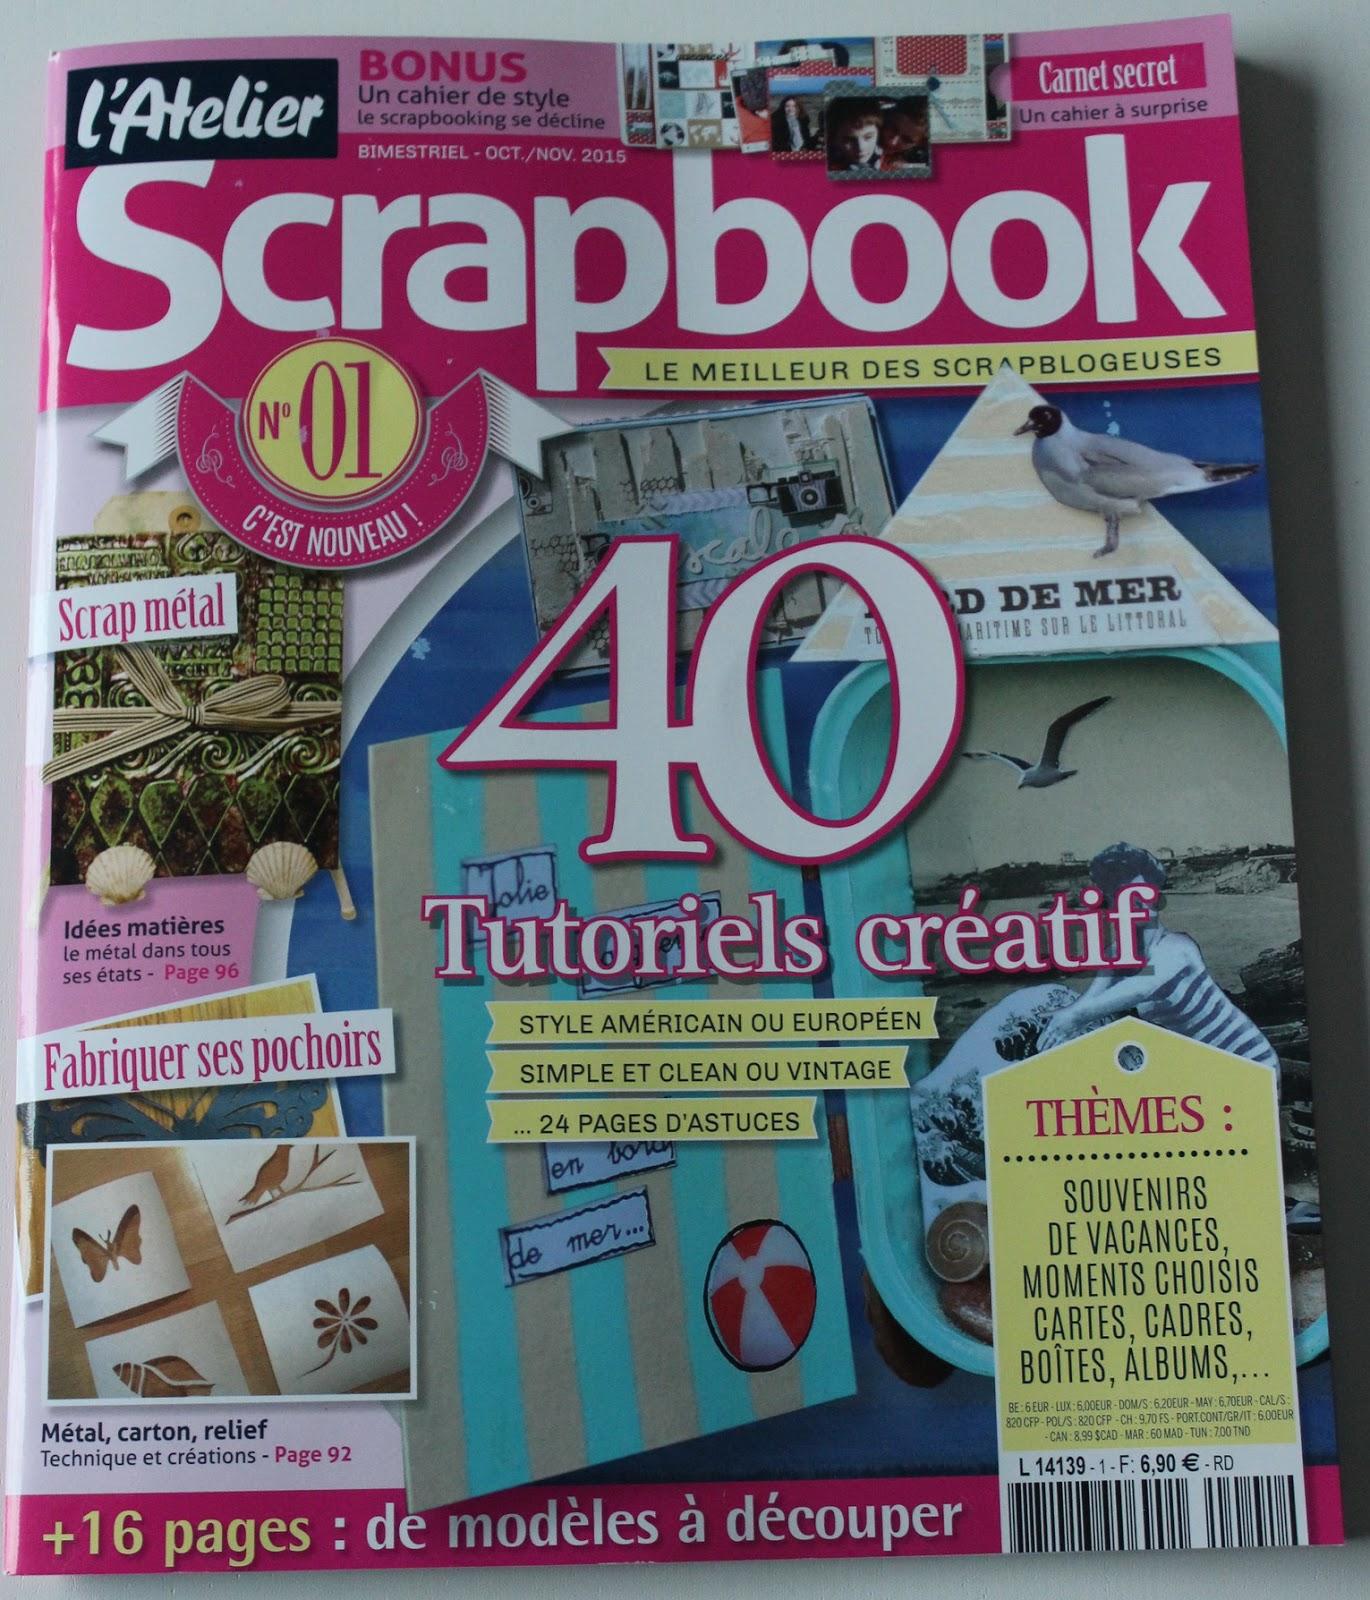 How to scrapbook magazines -  Dans Le Nouveau Magazine L Atelier Scrapbook Qui Visiblement N A Pas R Ussi Se D Cider Sur Mon Pr Nom Un Coup S Verine Un Coup Sandrine Hum